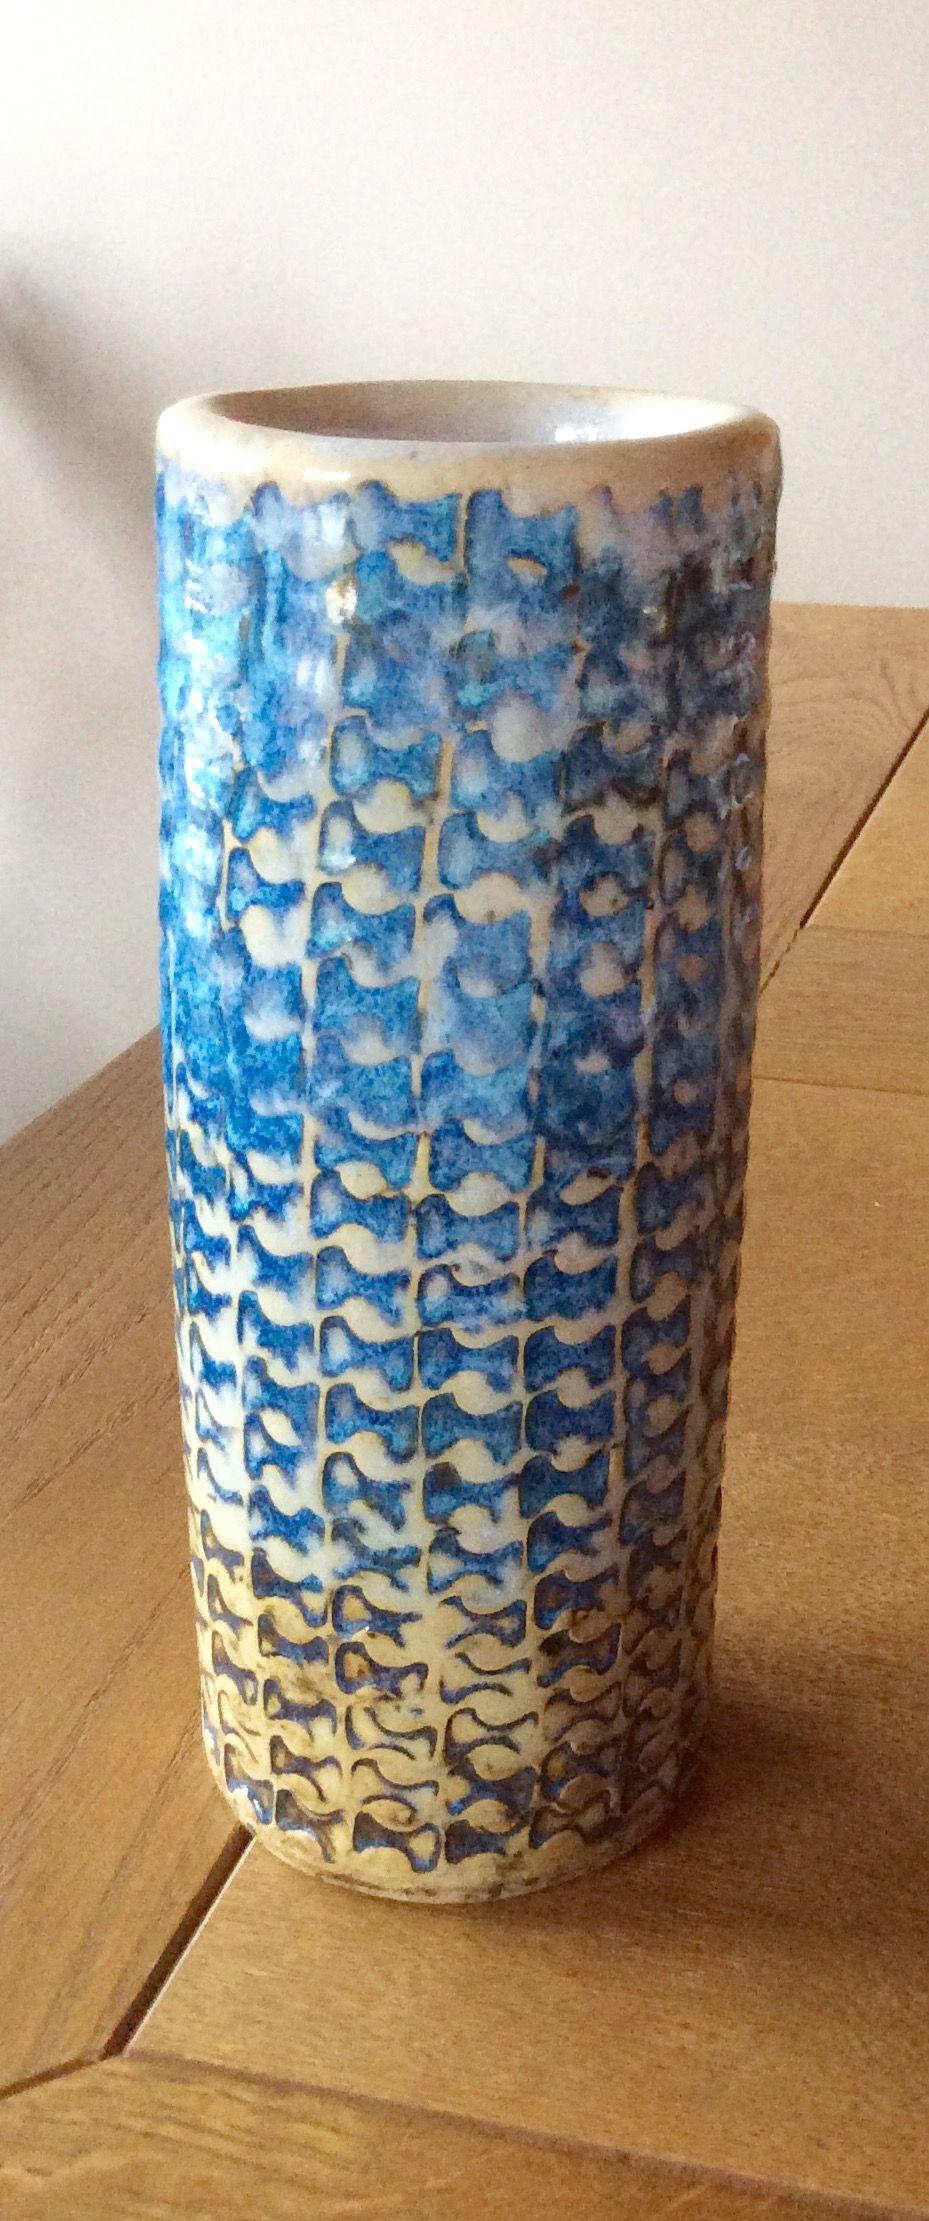 Töpfern, Keramik Vase Aufbautechnik